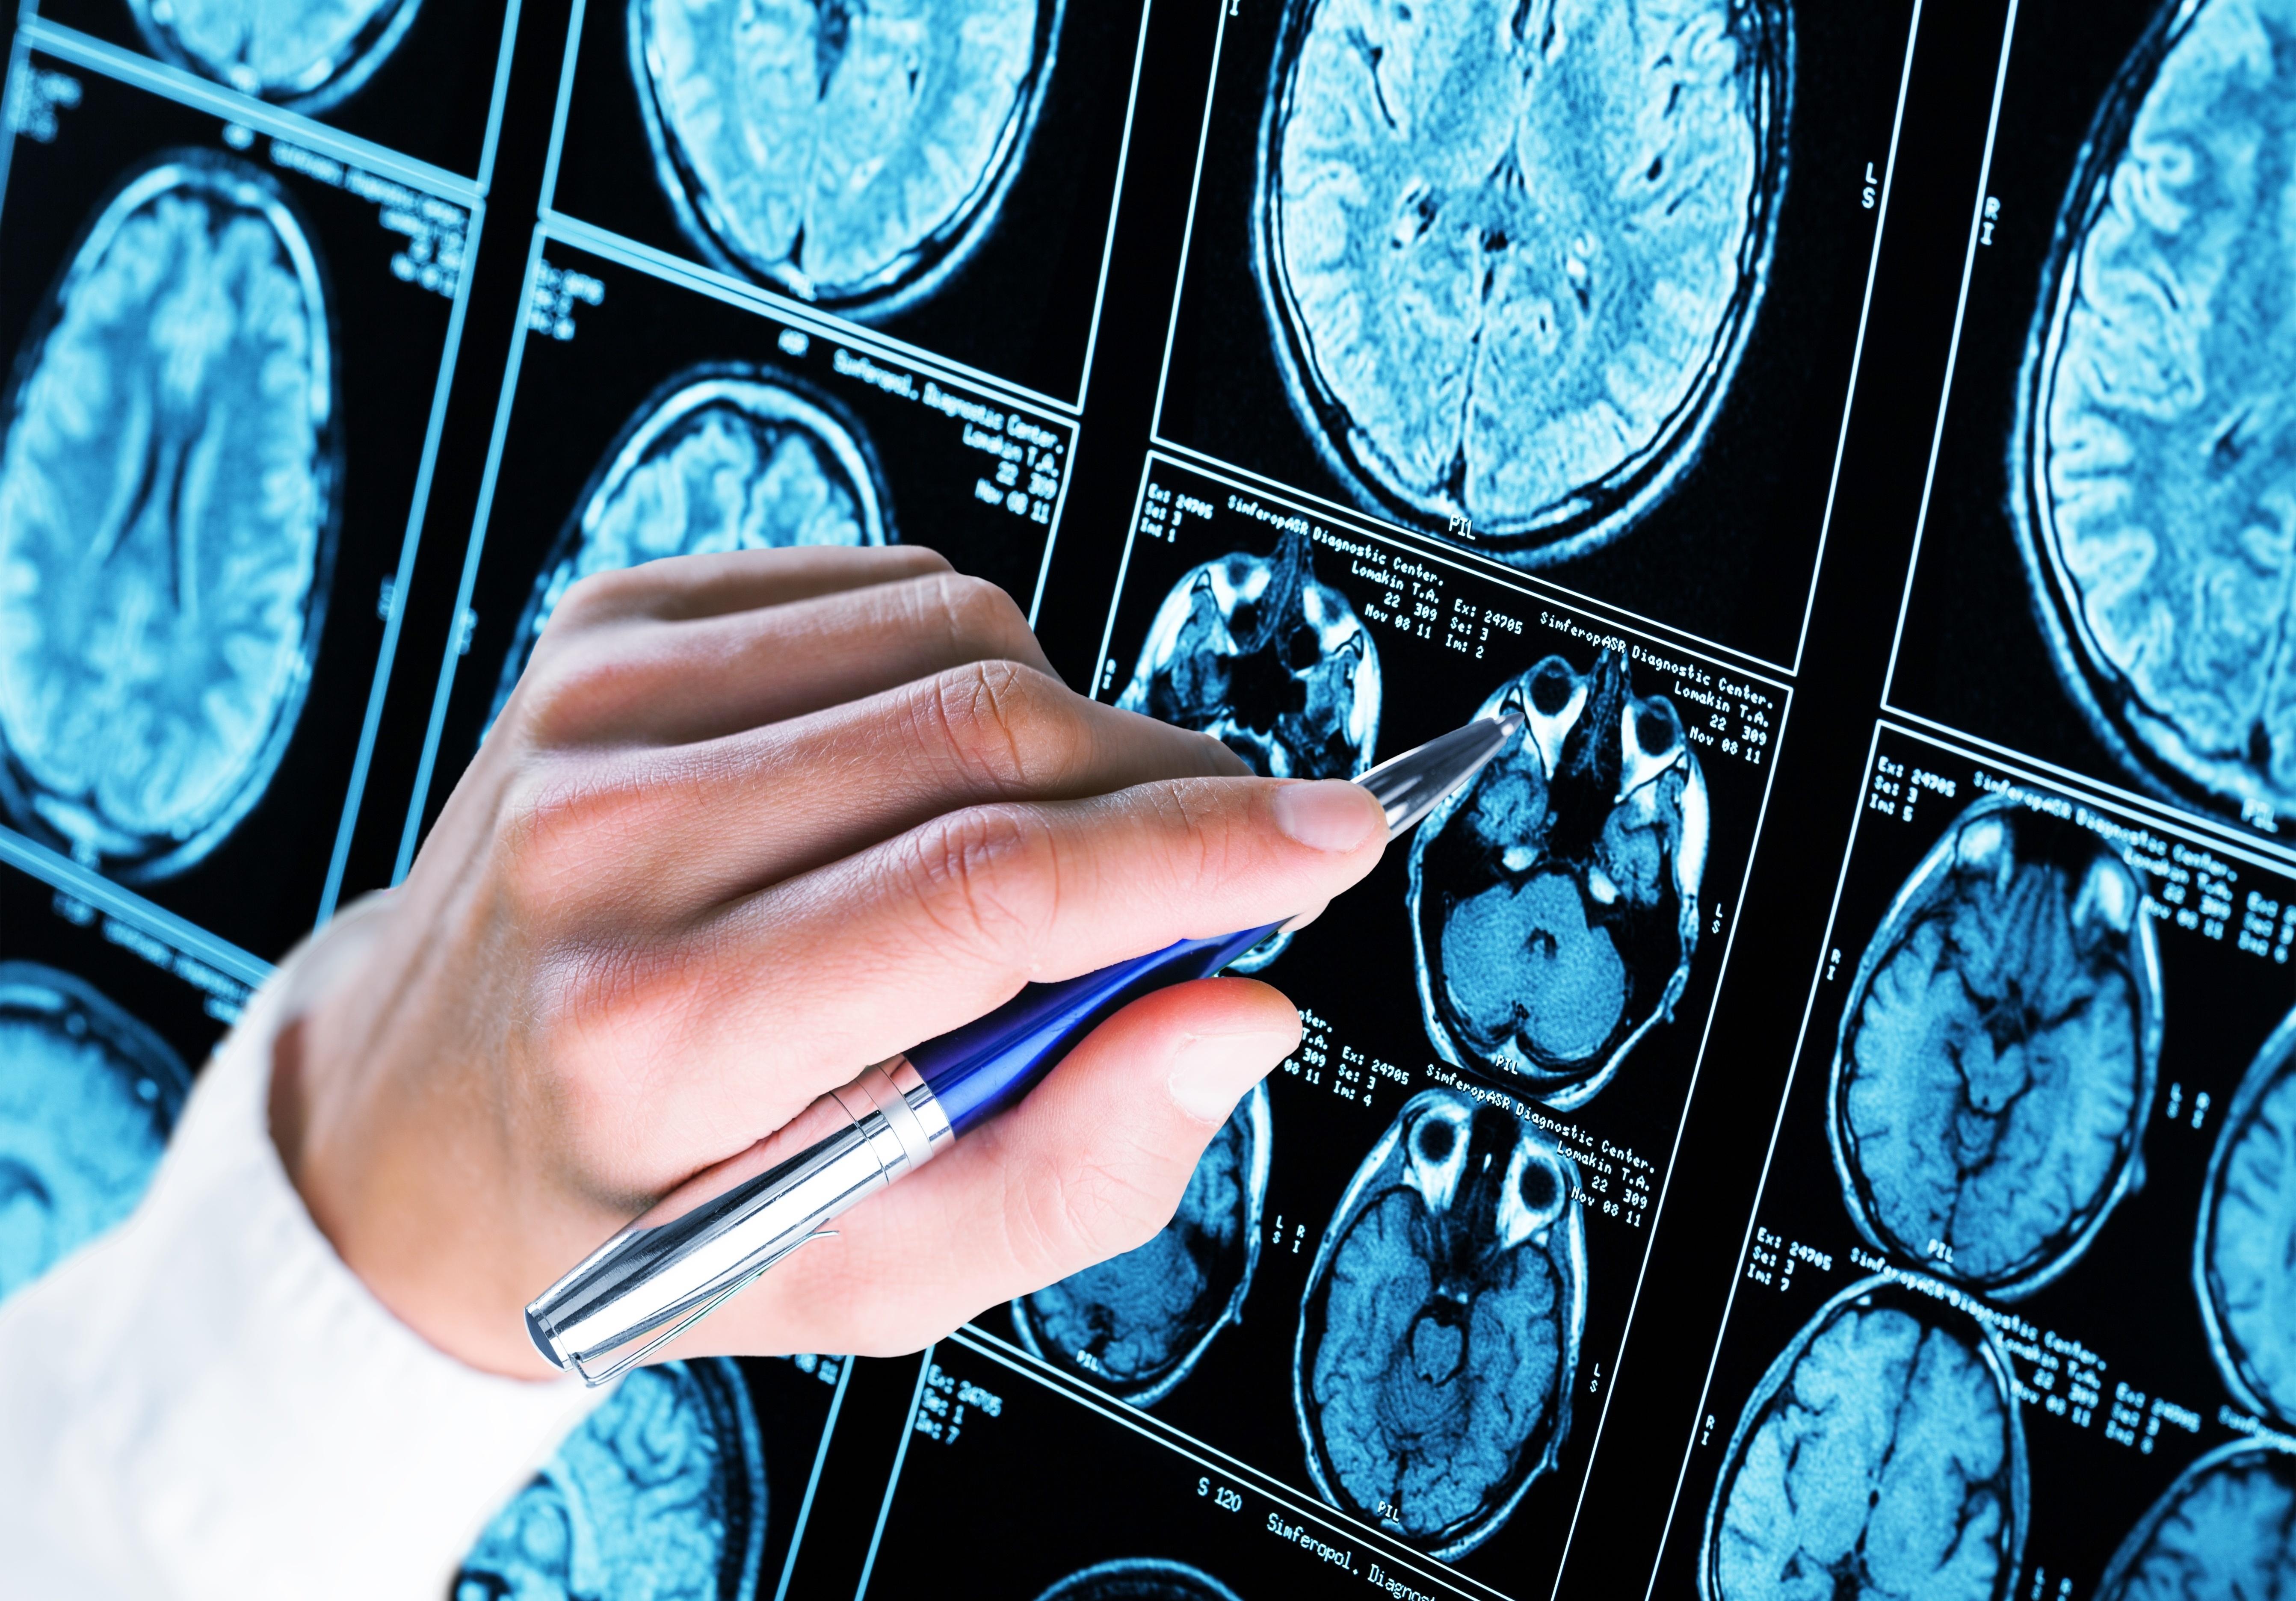 Les femmes accumulent plus rapidement la protéine Tau dans leur cerveau, ce qui contribue à une progression plus rapide de la maladie d'Alzheimer (Visuel Adobe Stock 216698942)